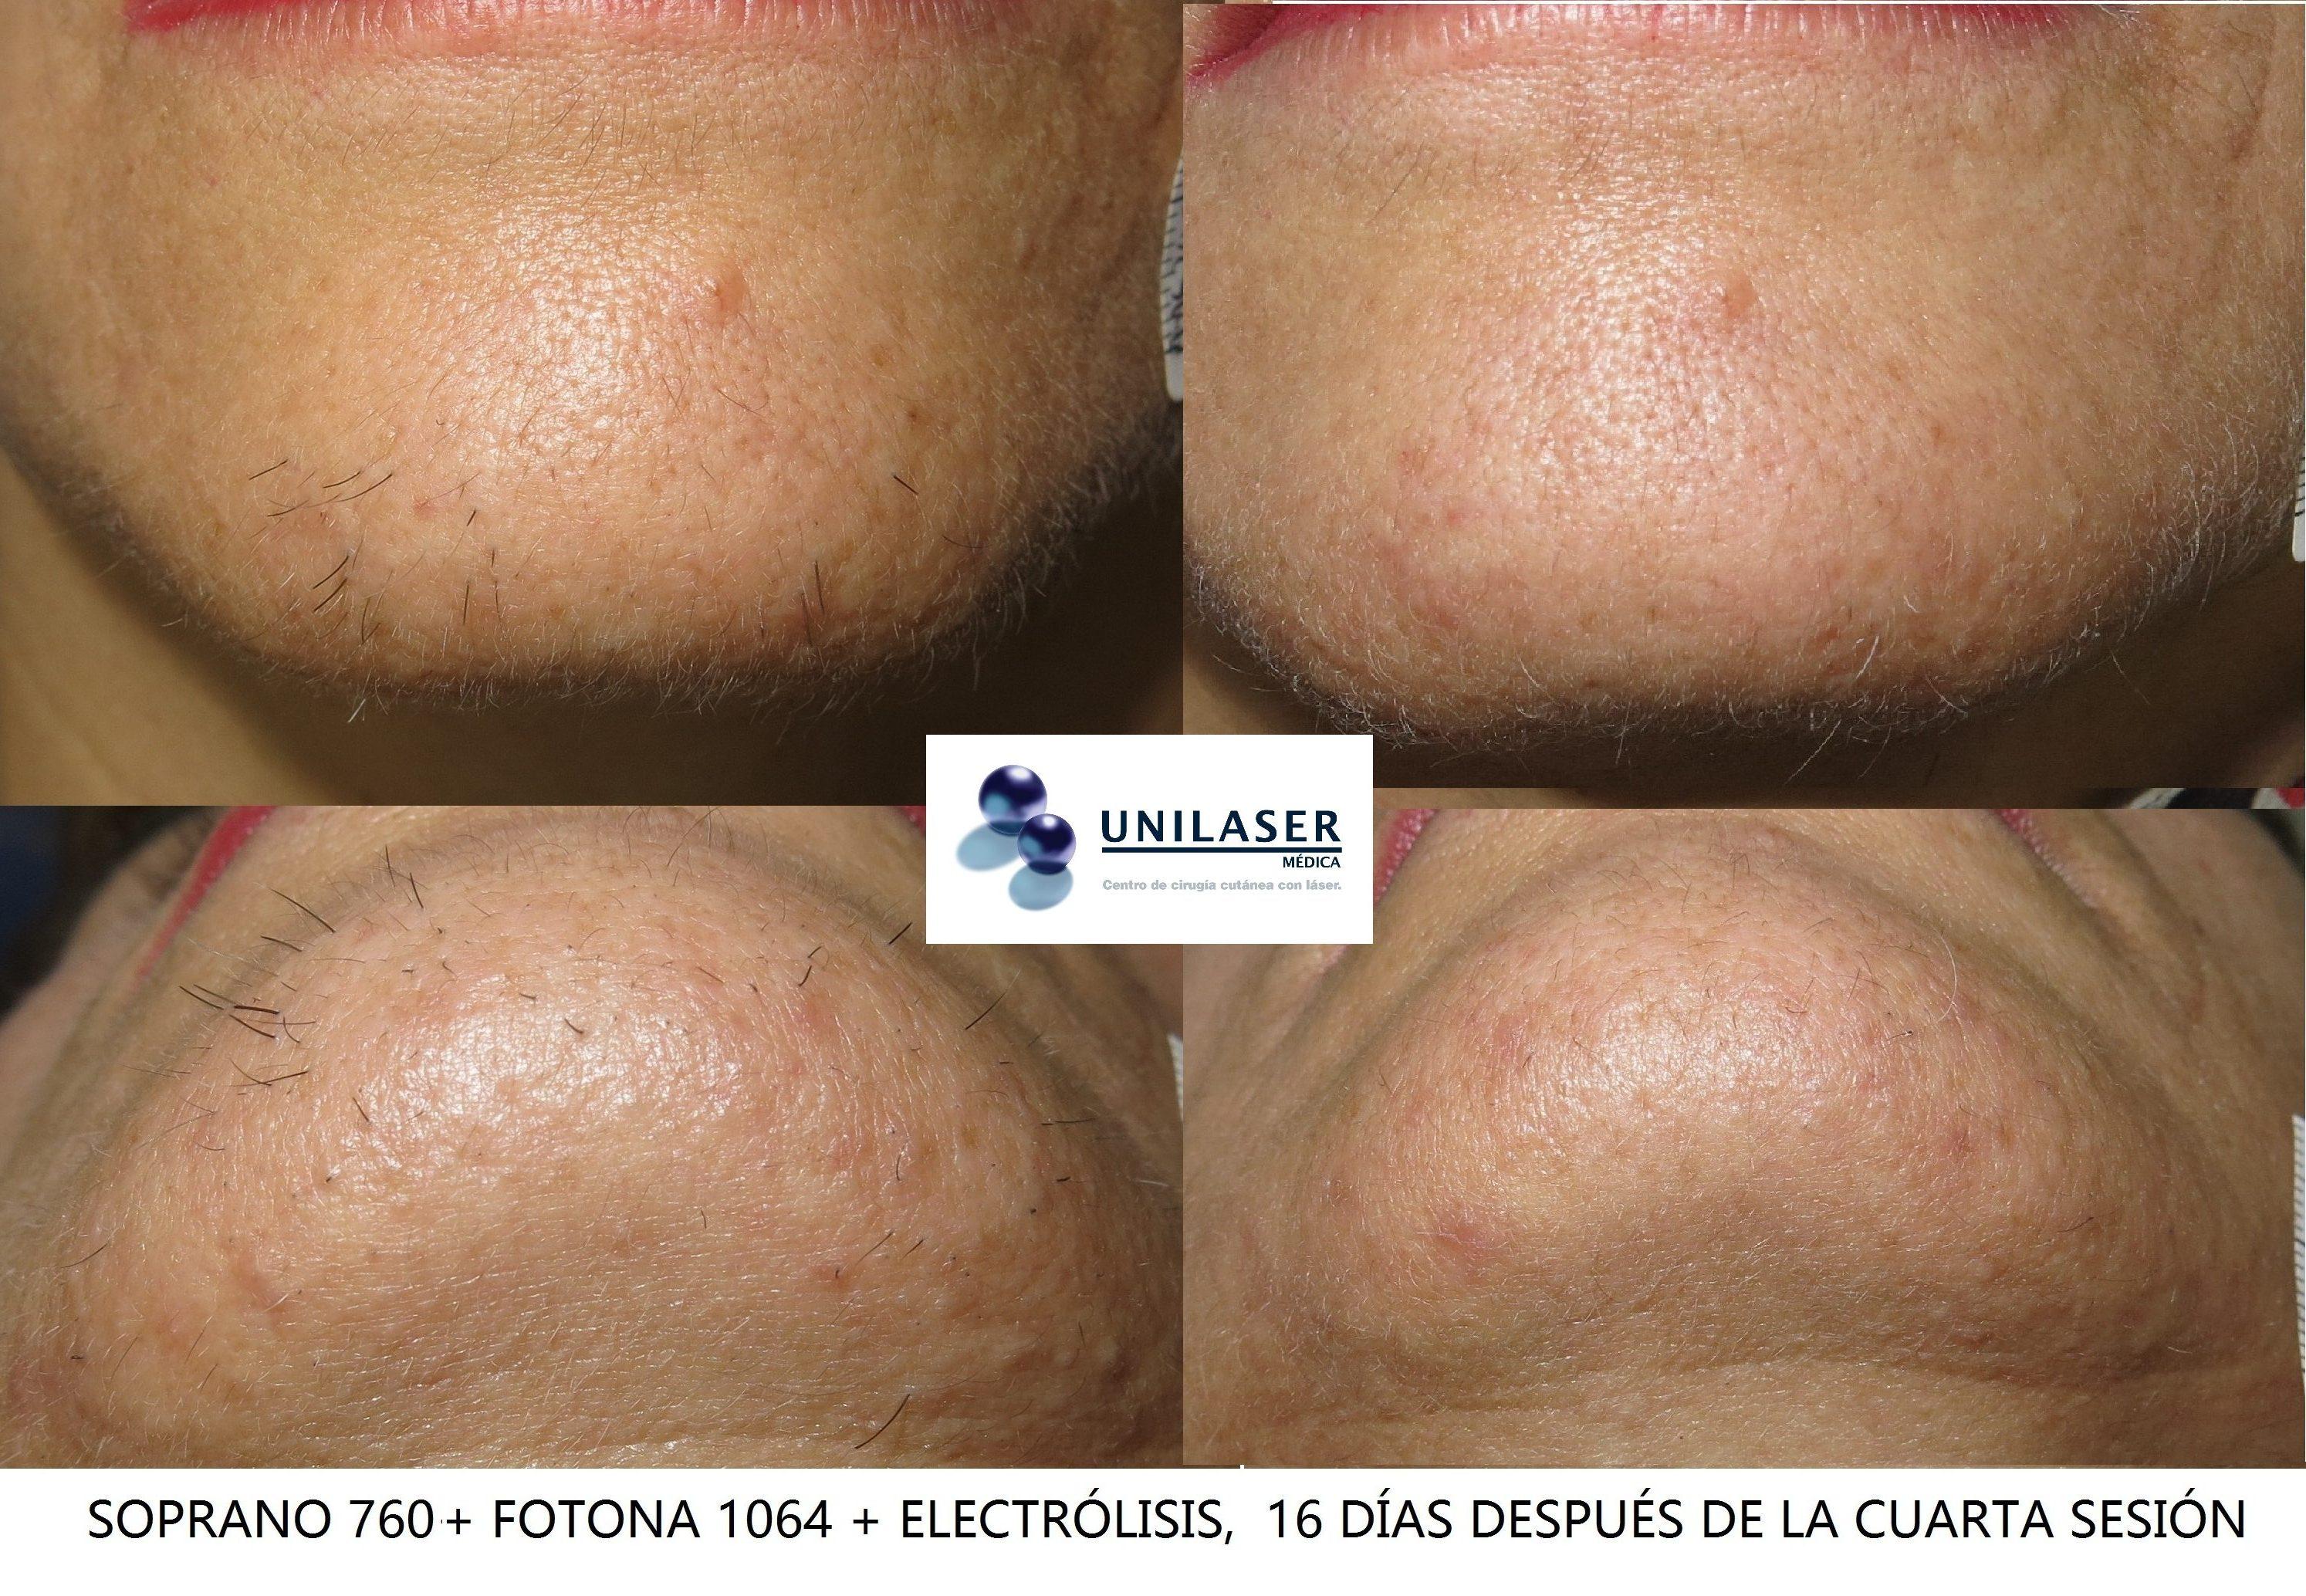 Electrólisis de pelos rojos de la barbilla resistentes al láser Soprano